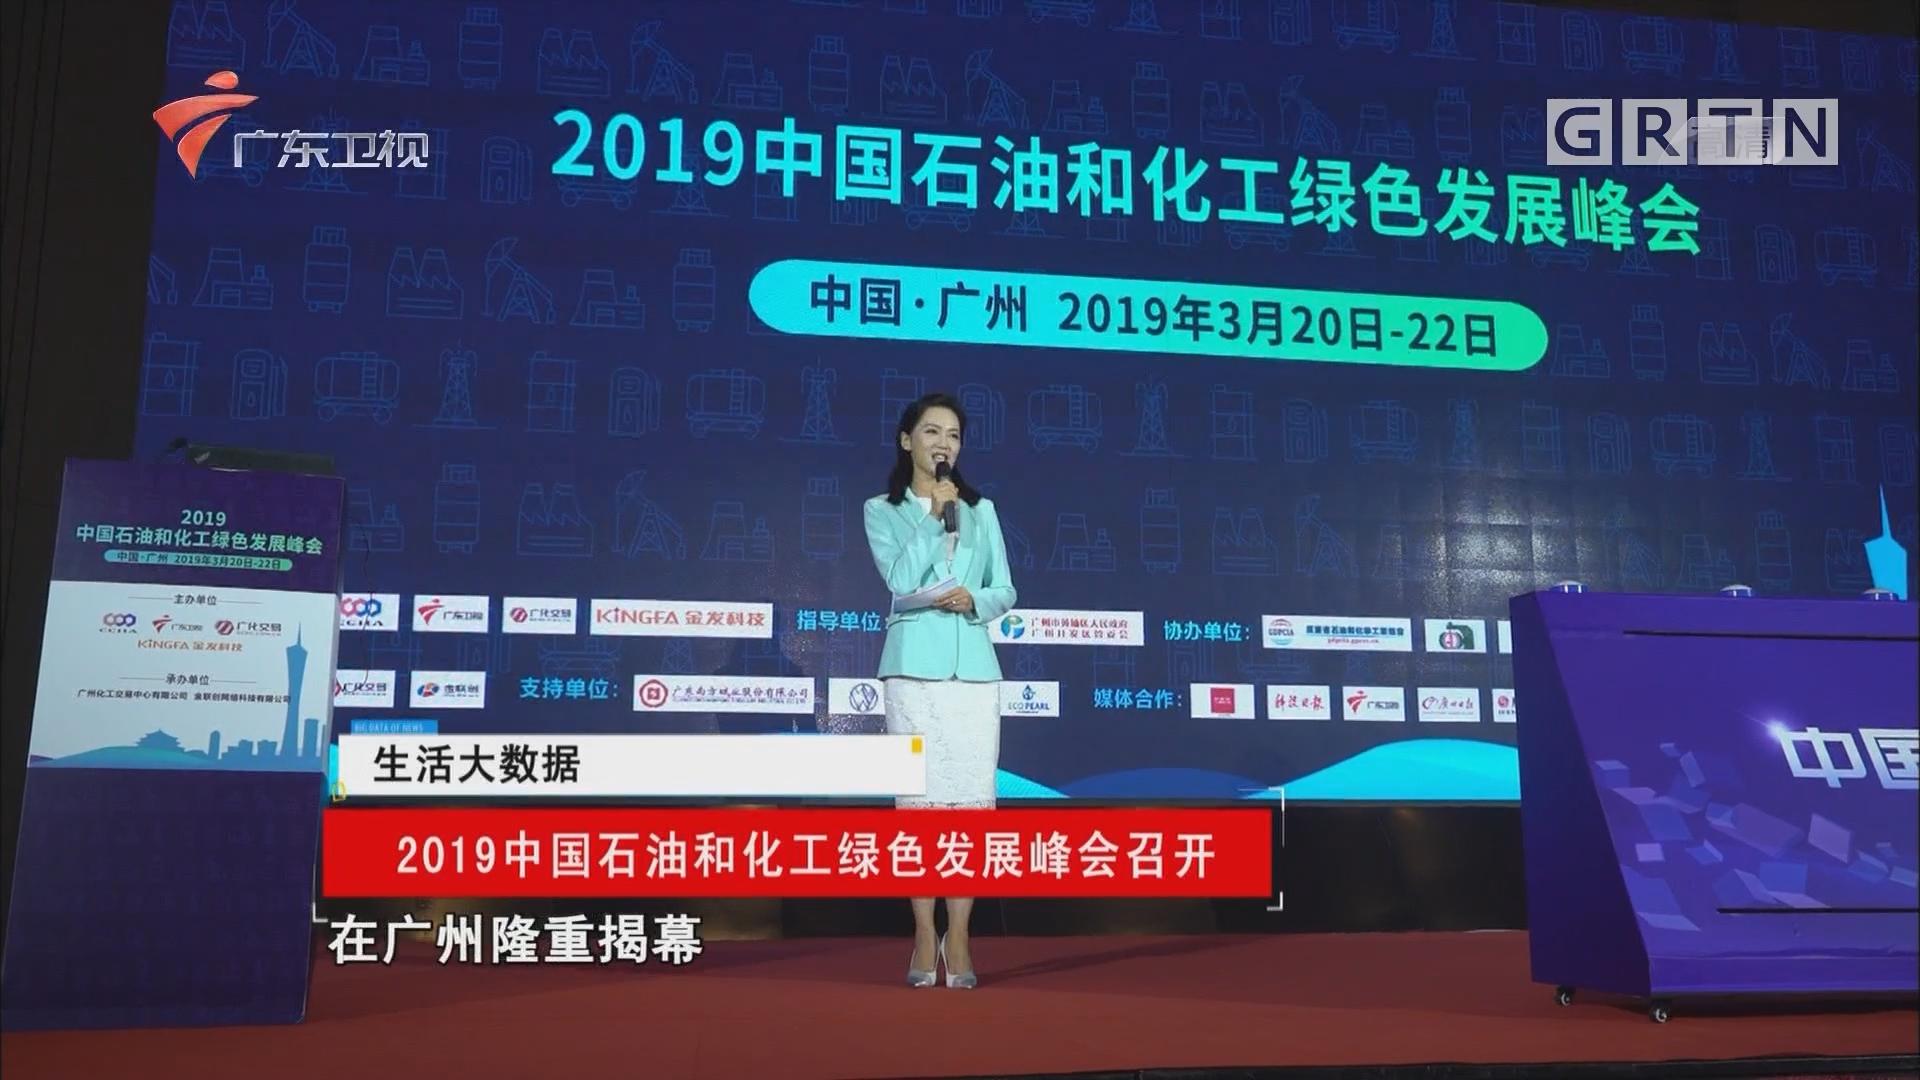 2019中国石油和化工绿色发展峰会召开